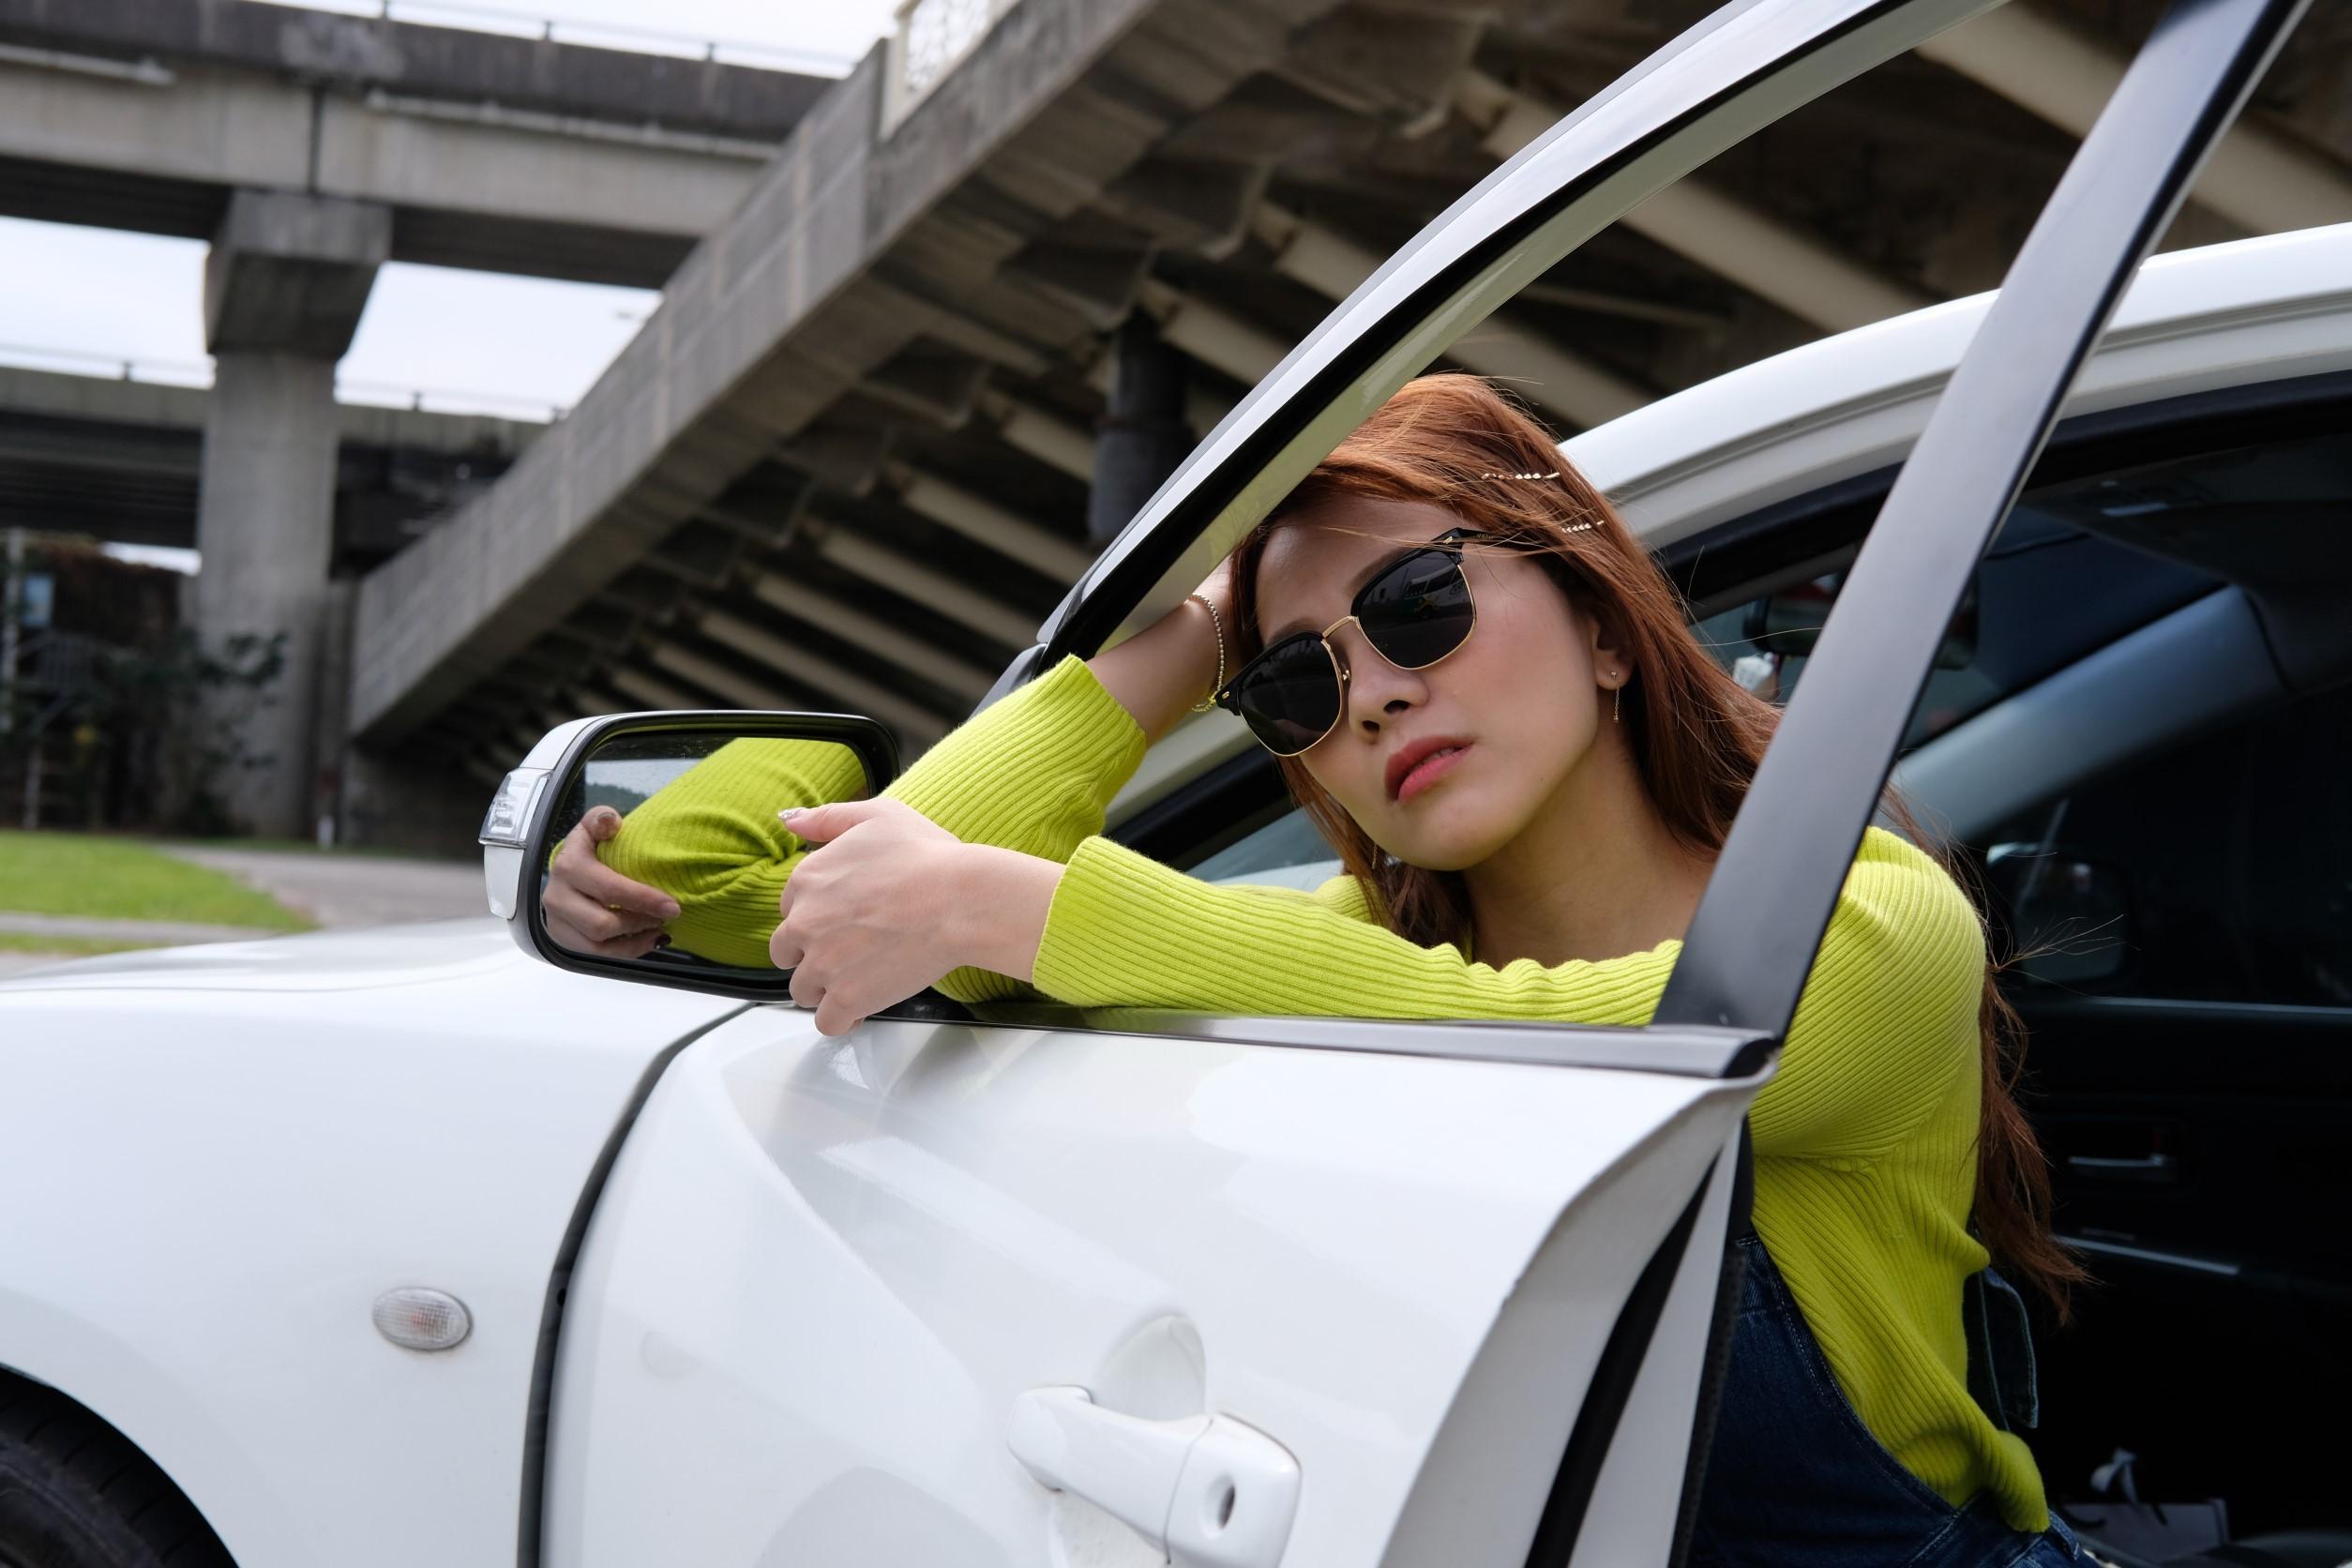 ▲小優注重車內整潔,前座沒有多餘的裝飾品,更討厭乘客在車內抽菸,連喝飲料都要特別注意。